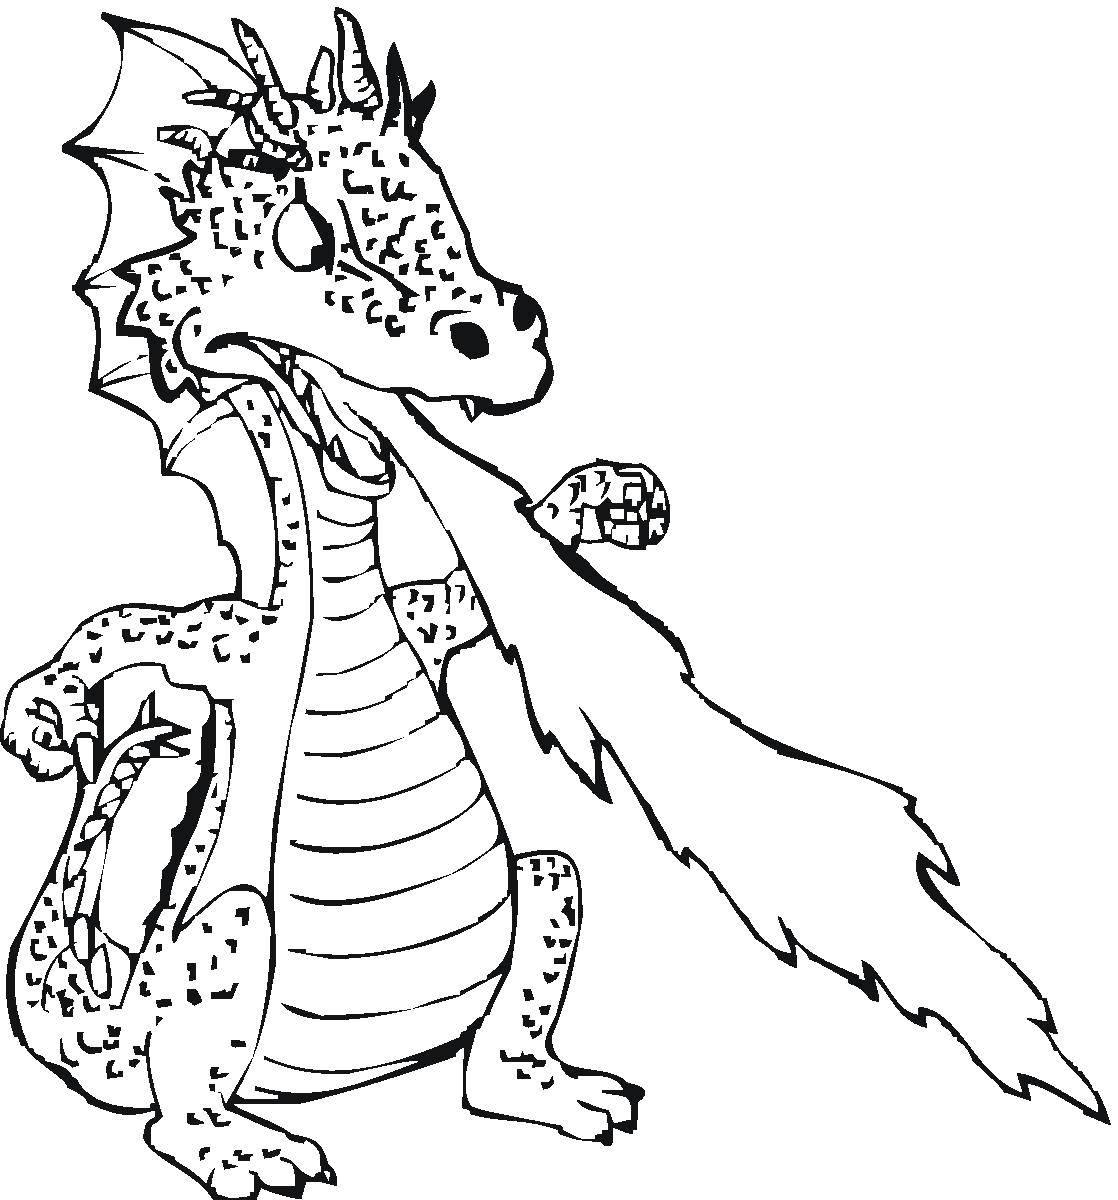 Название: Раскраска Огнедышащий дракончик. Категория: Драконы. Теги: драконы, огнедышащие.